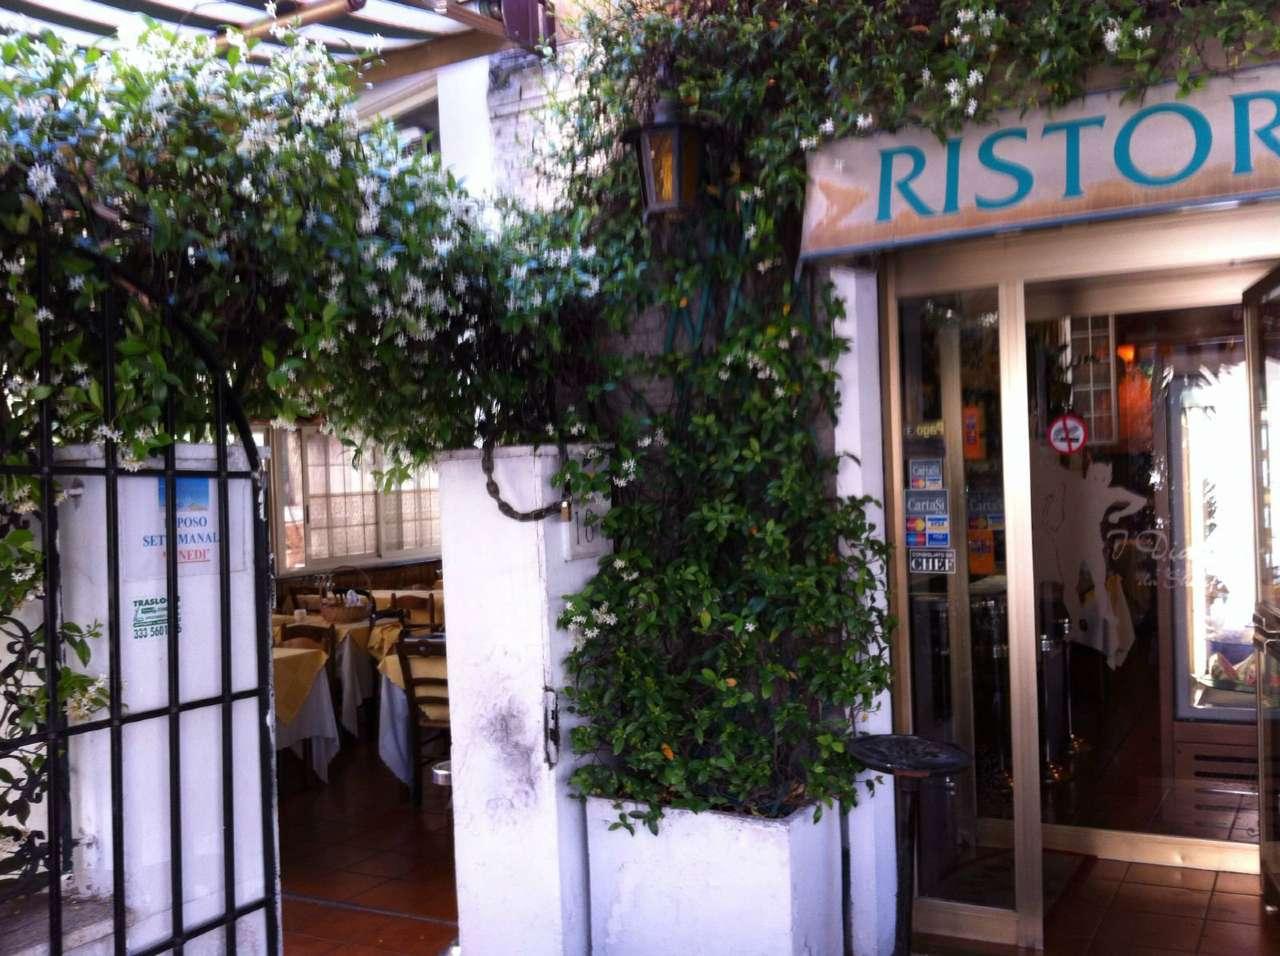 Ristorante / Pizzeria / Trattoria in Vendita a Roma